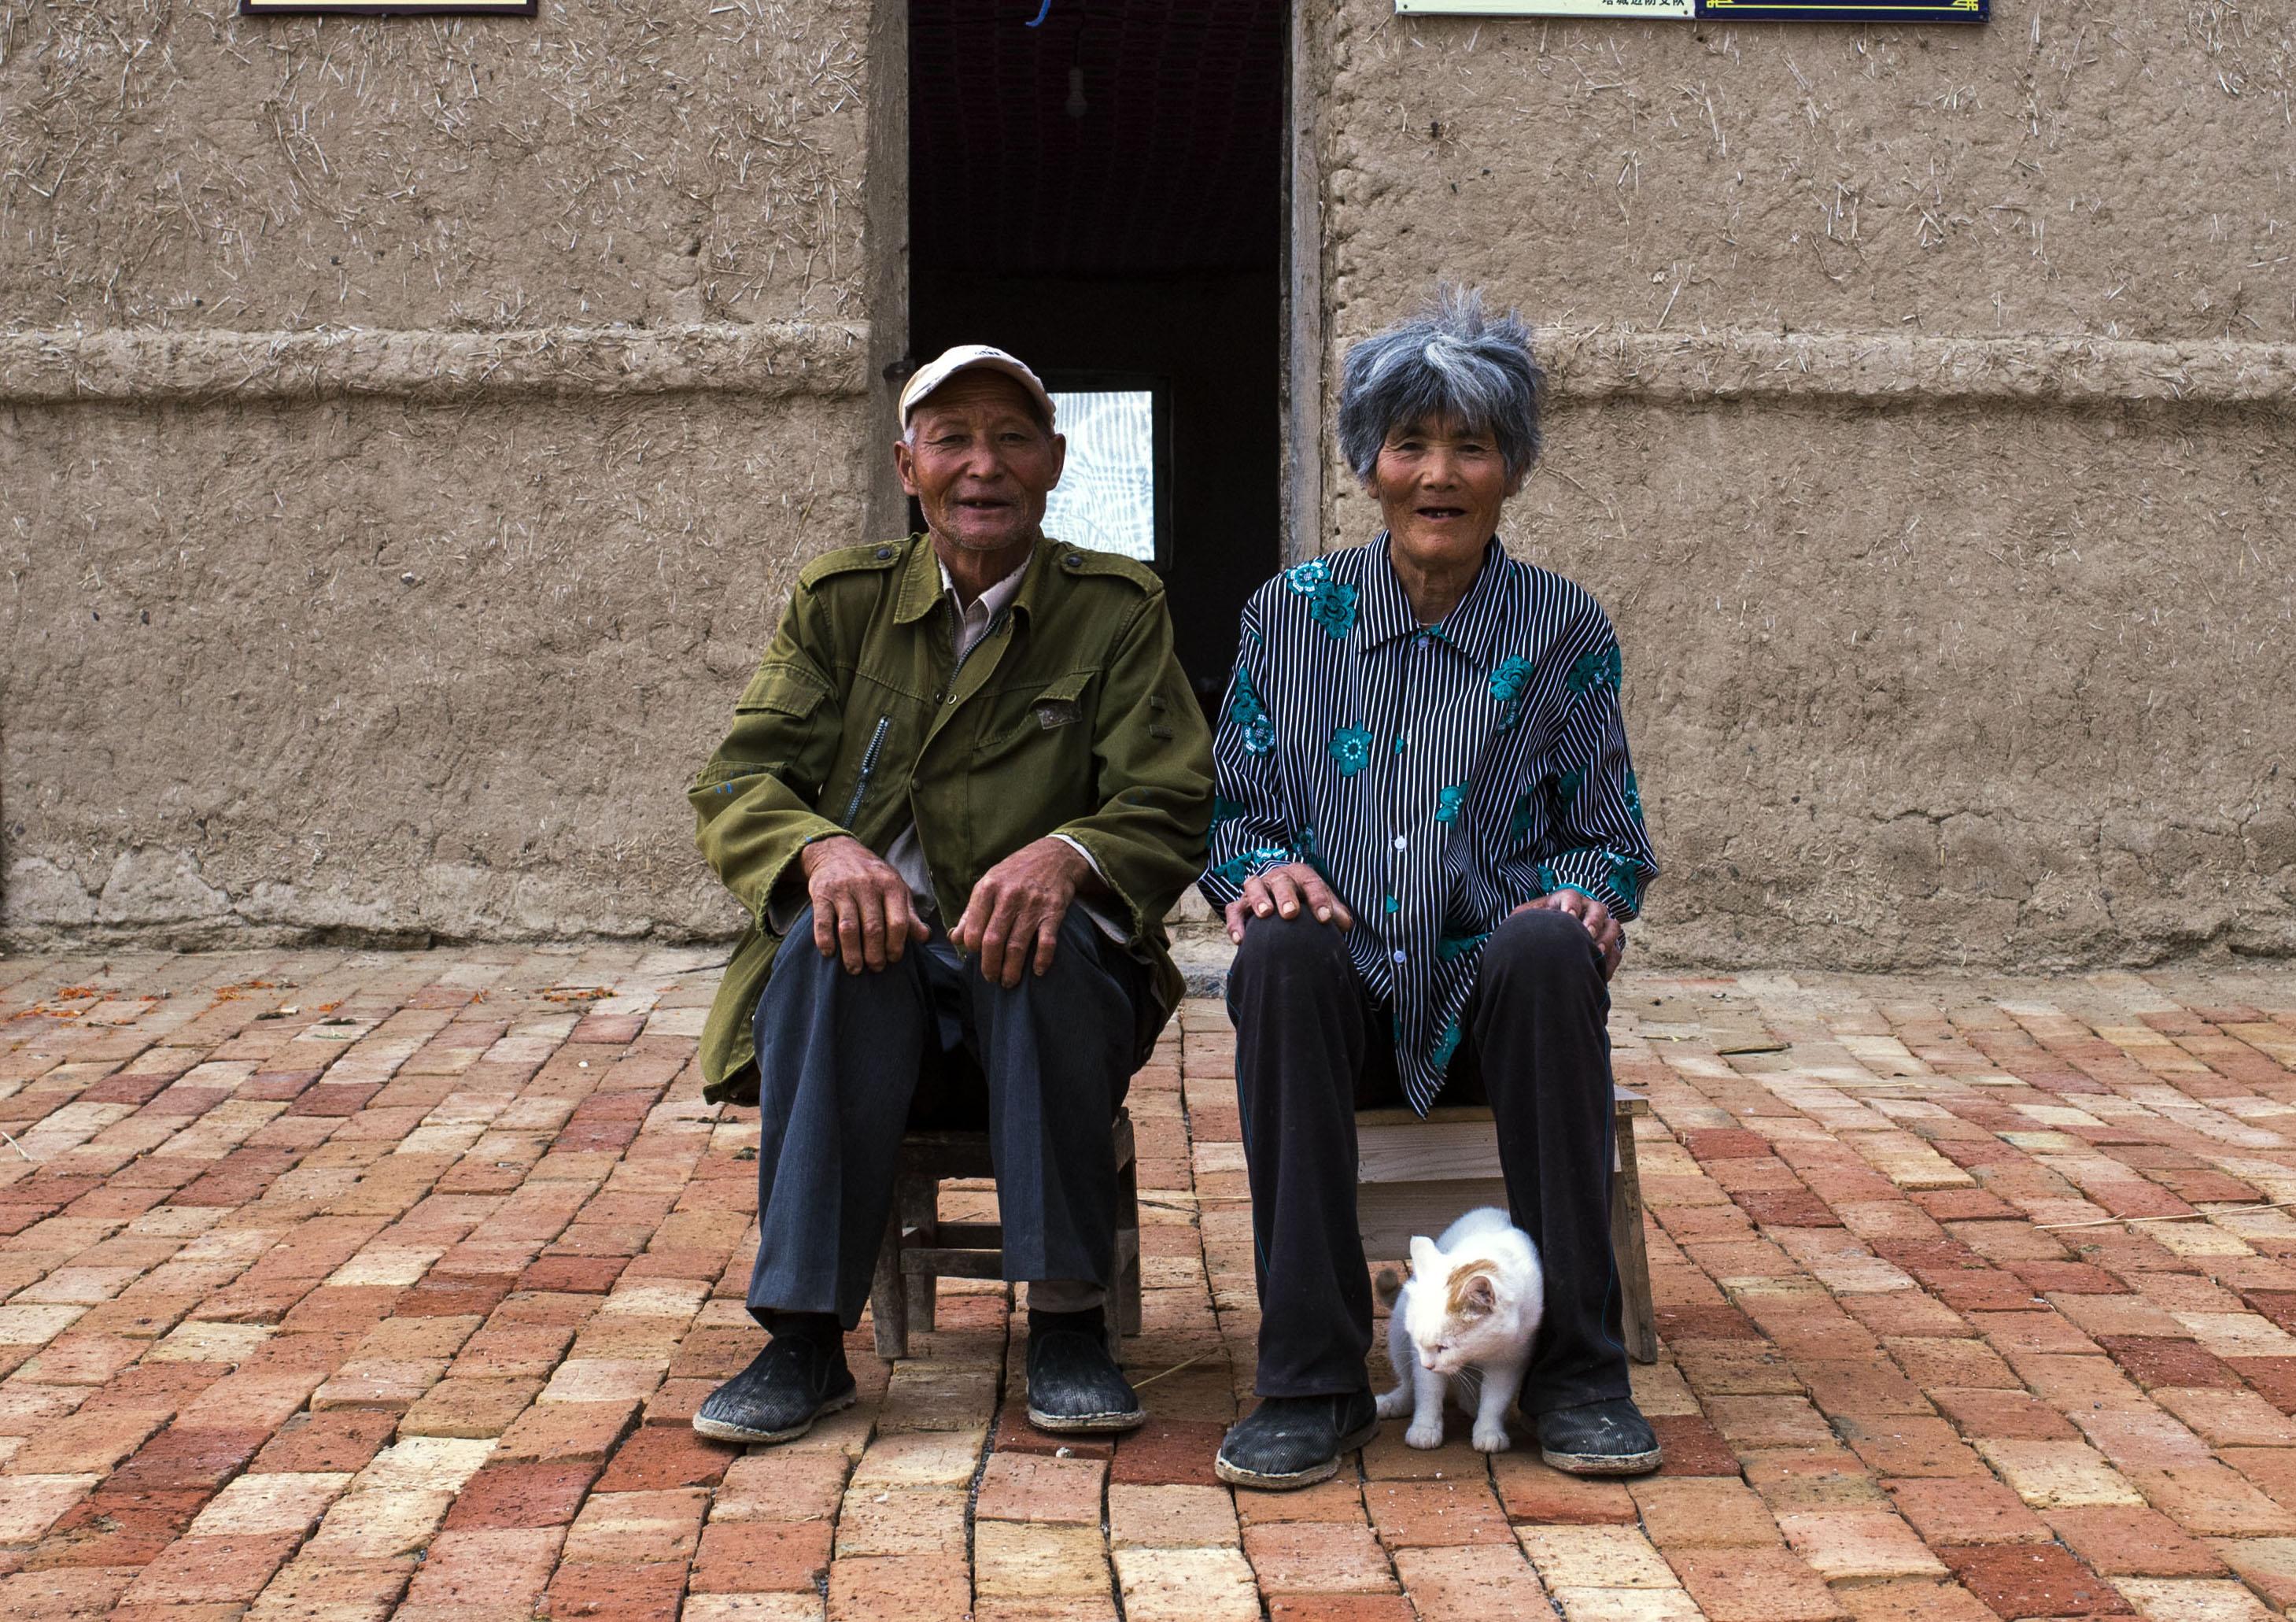 魏德友老两口在家门前合影(2016年7月23日摄)。新华社记者江文耀摄